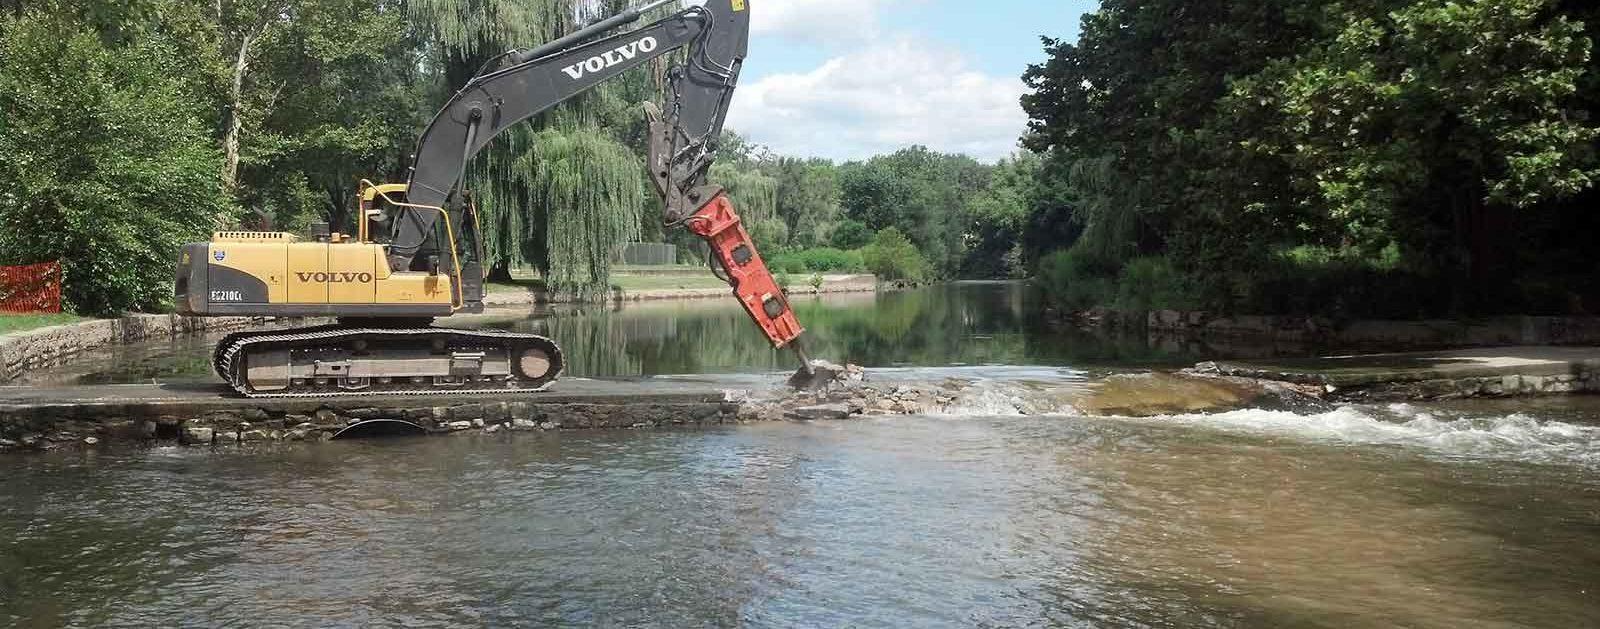 Jordan Park Dam removal on Jordan Creek in Allentown, PA | Laura Craig